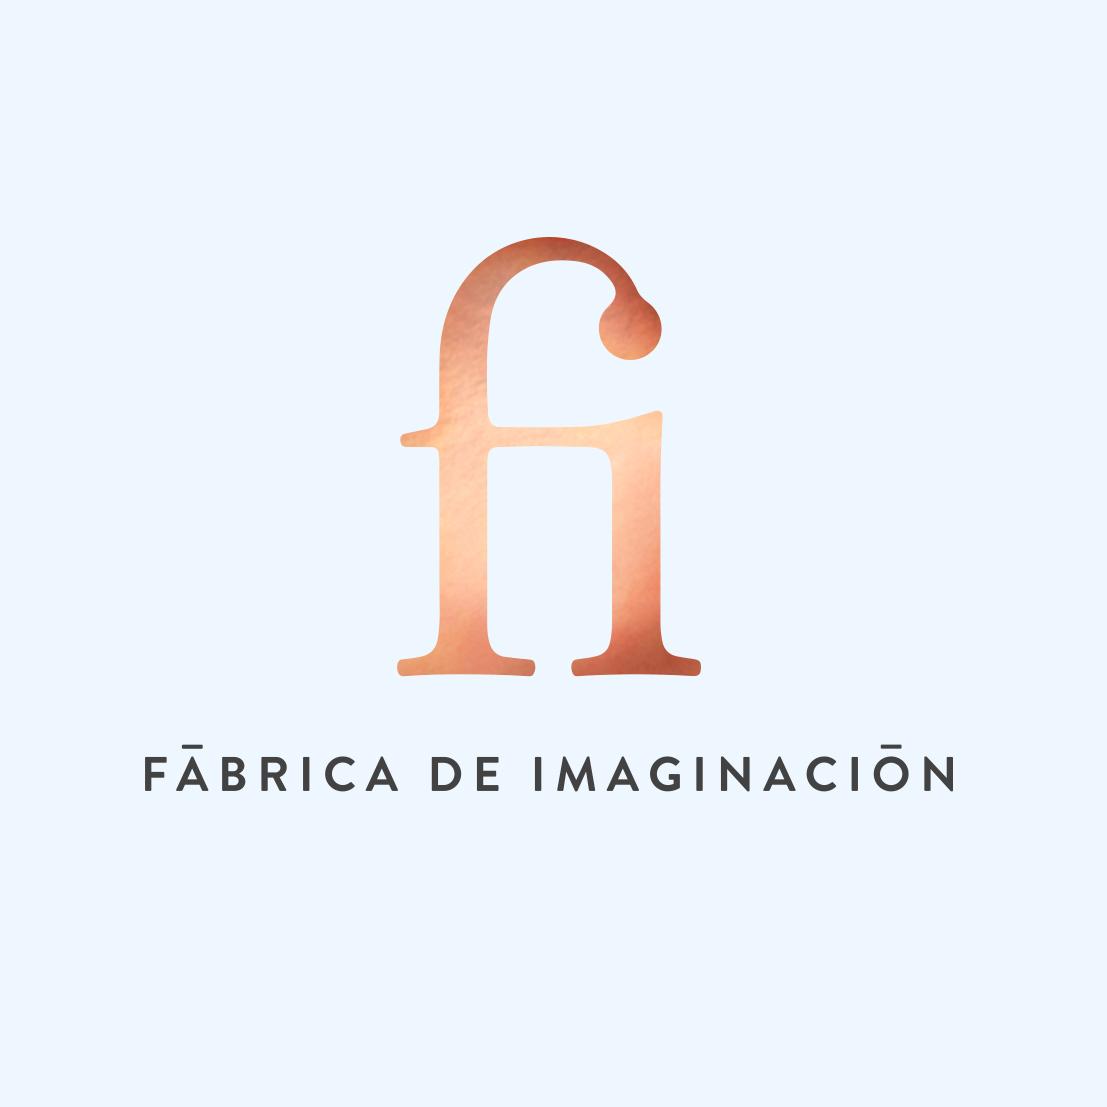 logo-fi-instagram2